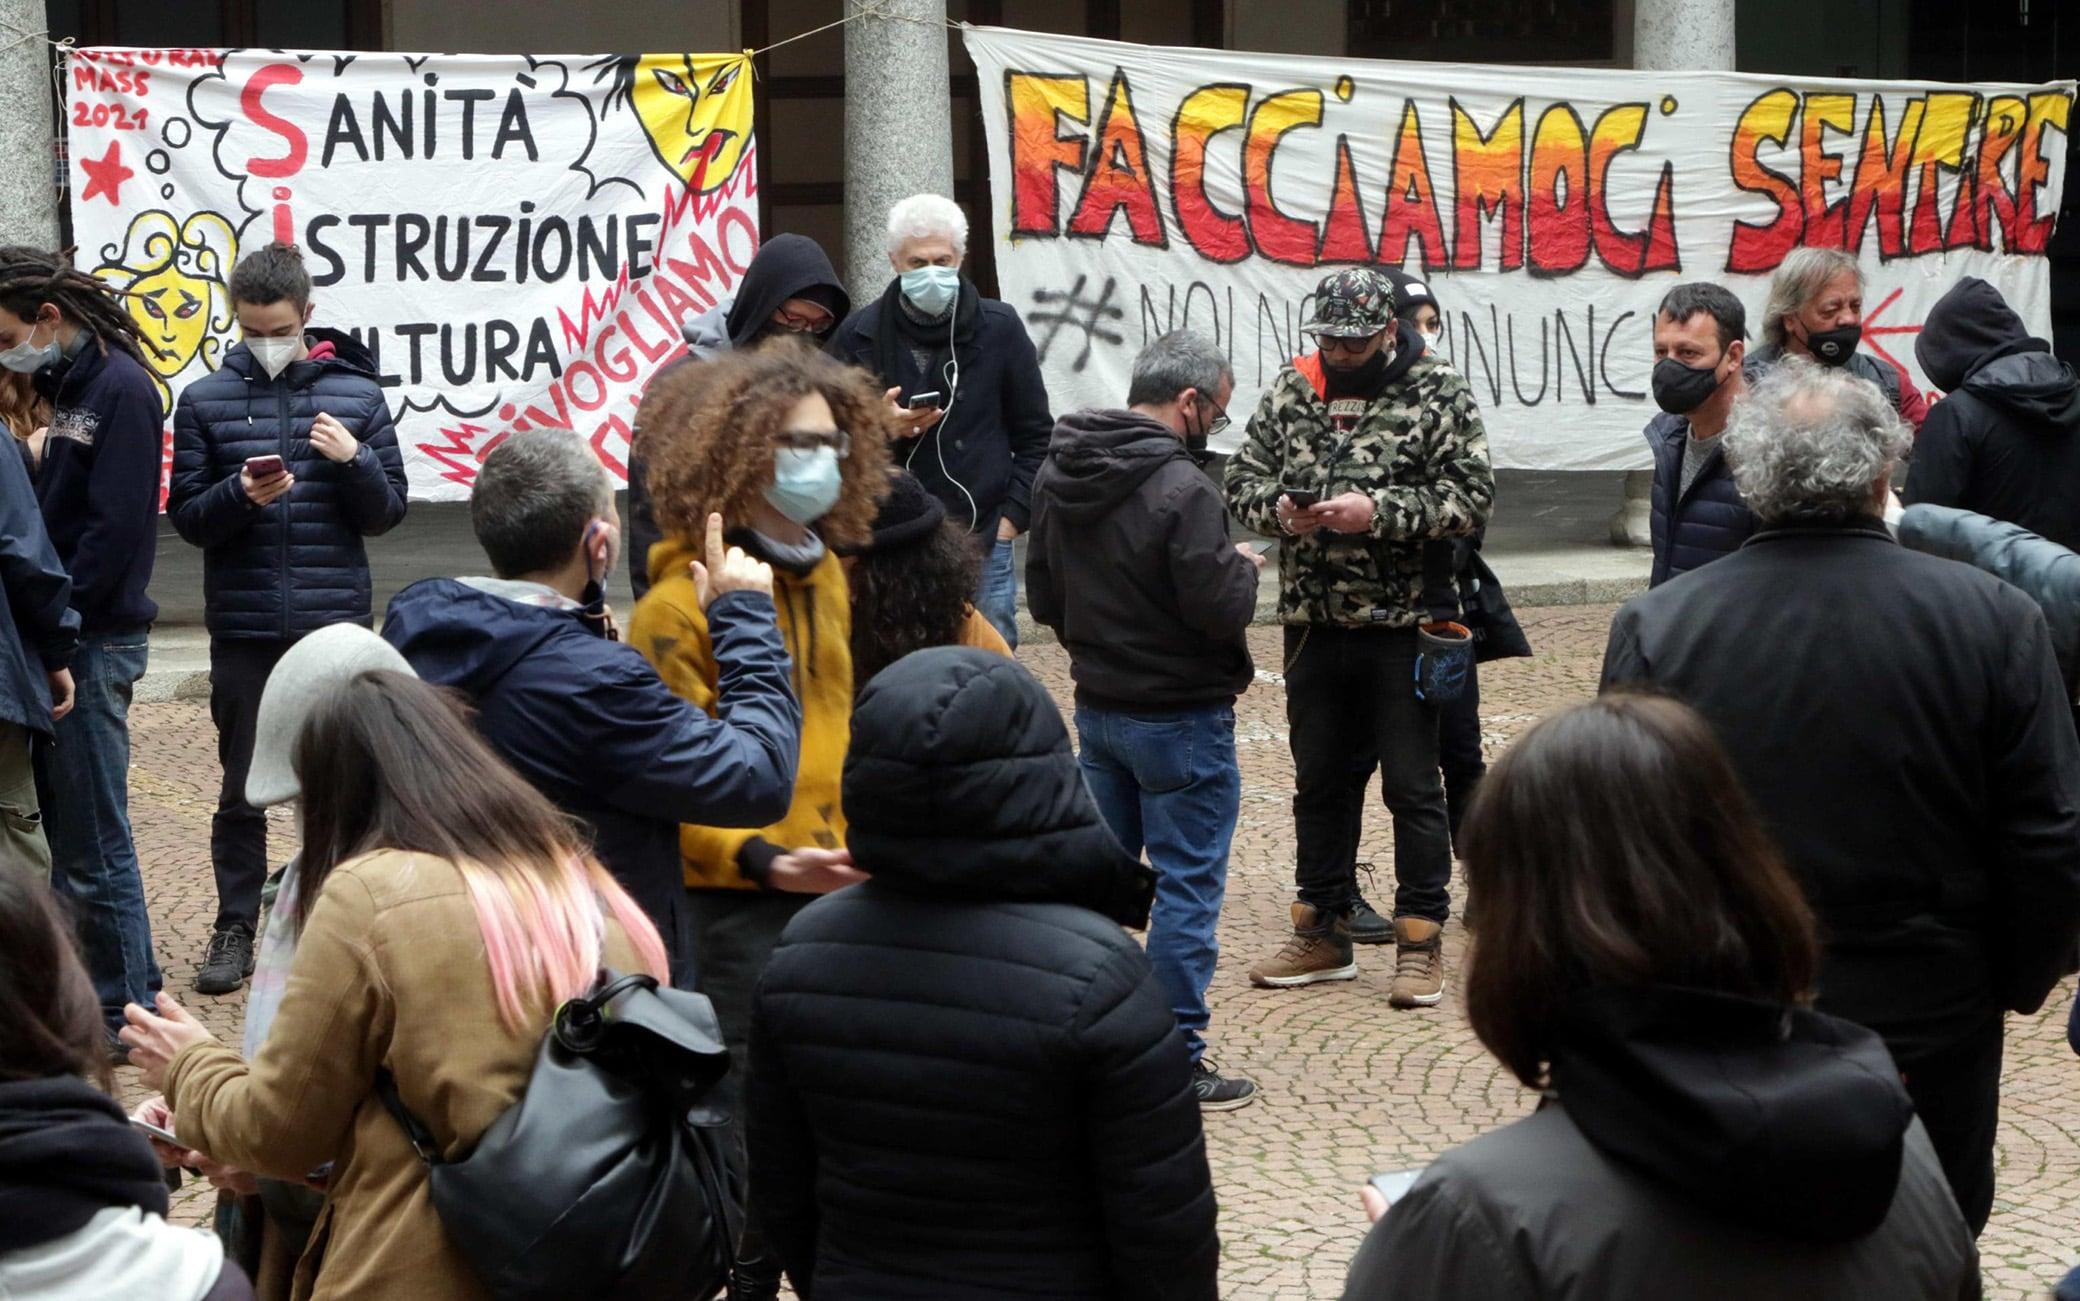 Occupazione del Piccolo Teatro di Via Rovello contro la chiusura continua a causa dell'emergnza Covid, Milano, 27 marzo 2021.ANSA/ PAOLO SALMOIRAGO